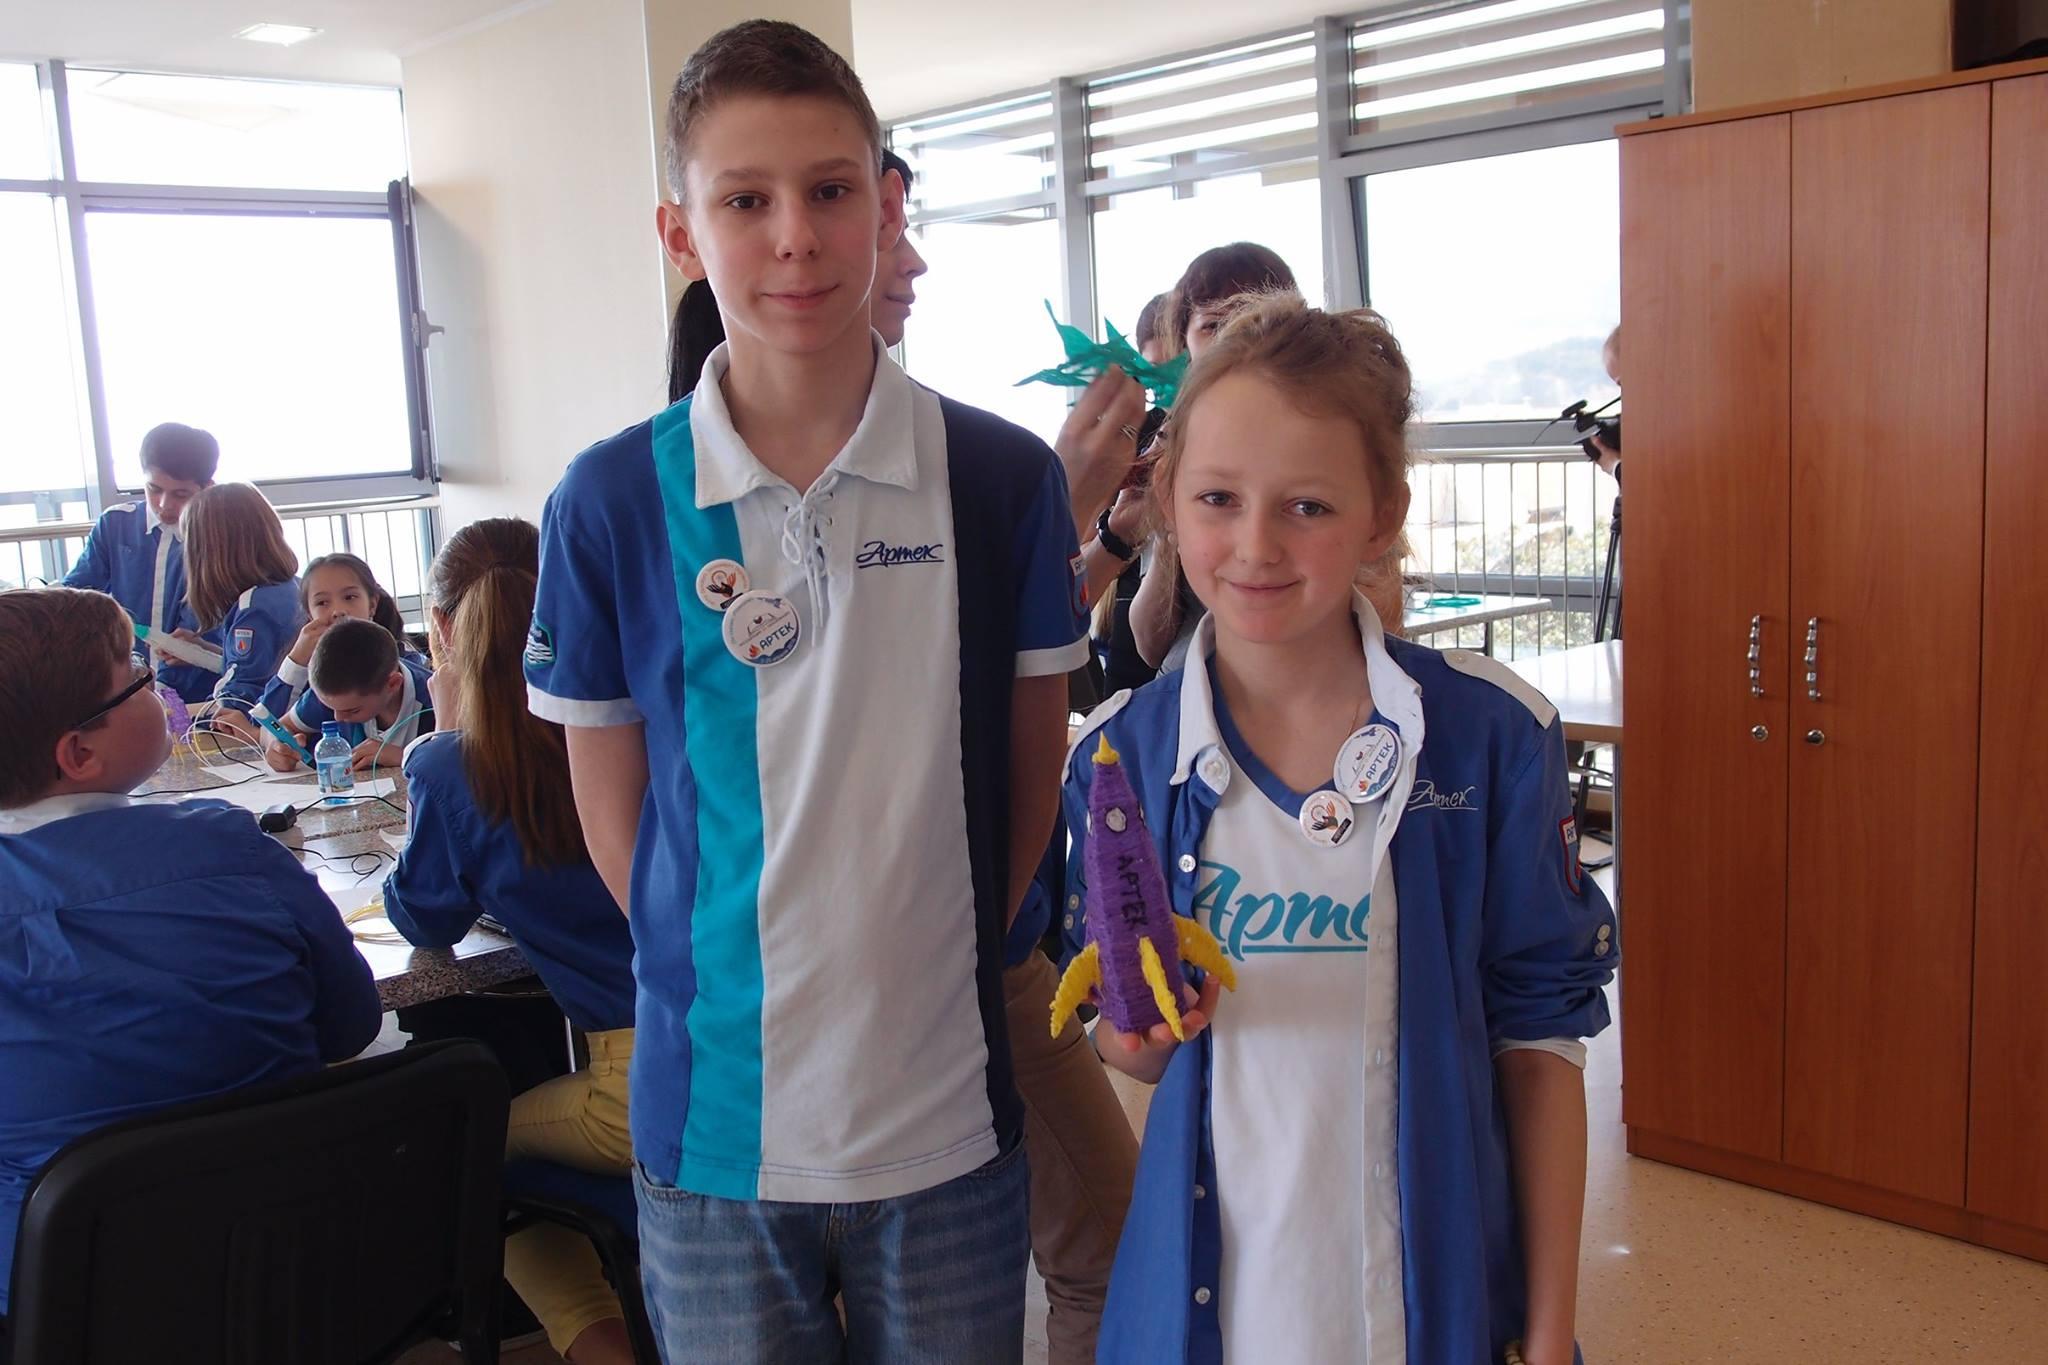 Олимпиады по 3D технологиям проводятся на региональном и Всероссийском уровне для выявления наиболее талантливых детей